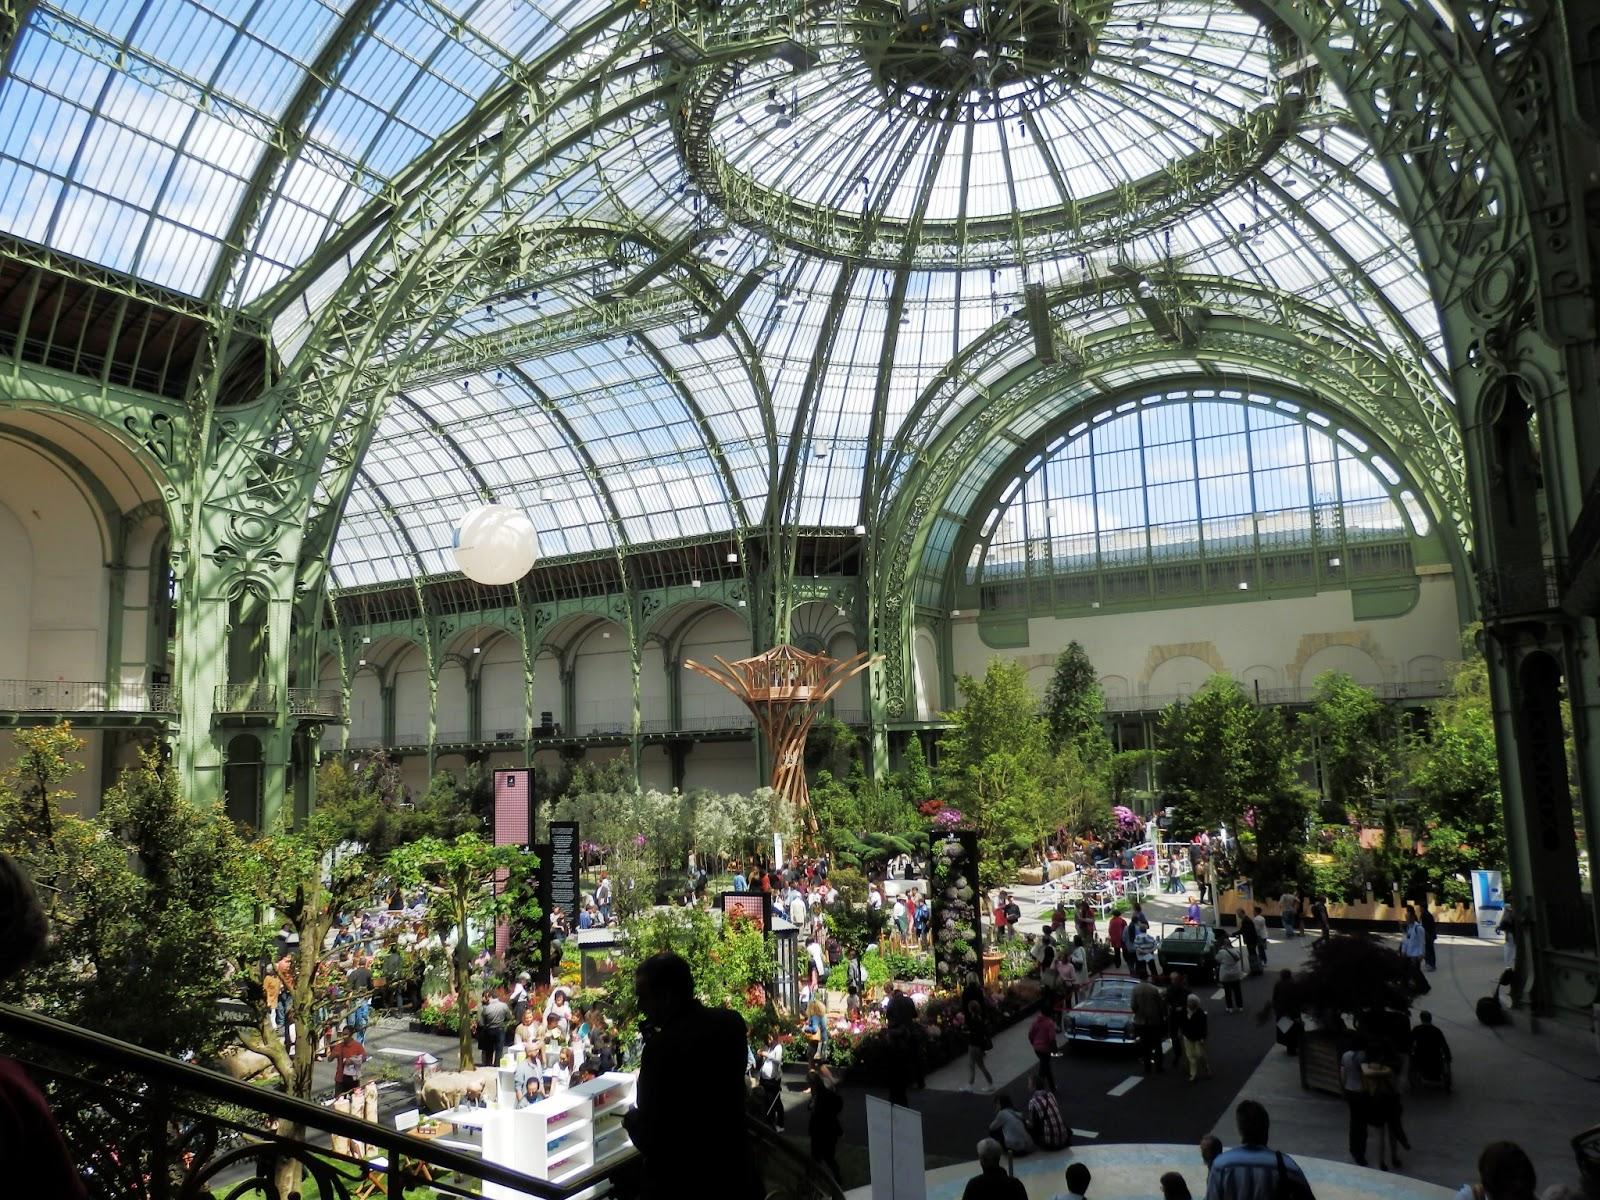 Dressing up in paris week 19 grand palais for Art du jardin grand palais